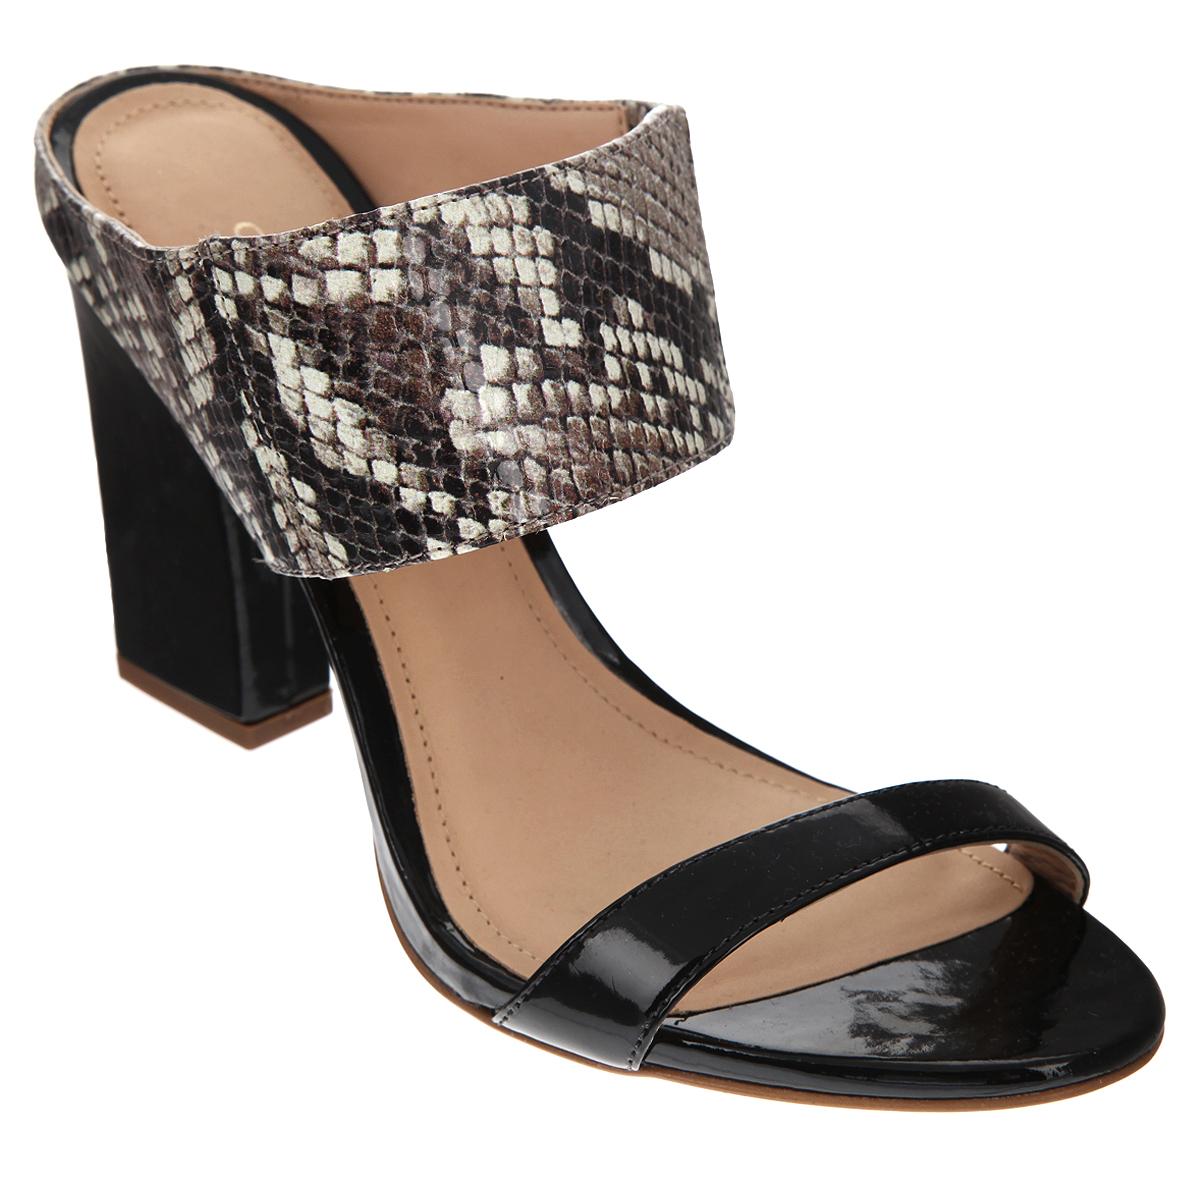 Сабо женские Cristofoli, цвет: коричневый, бежевый. 152194. Размер BRA 34 (35)152194Стильные сабо от Cristofoli - незаменимая вещь в гардеробе каждой женщины.Модель выполнена из натуральной высококачественной кожи. Верхний ремешок стилизован под чешую змеи и дополнен резинкой, обеспечивающей идеальную посадку обуви на ноге. Мягкая стелька и подкладка из натуральной кожи обеспечивают комфорт при ходьбе. Ультравысокий каблук компенсирован платформой. Подошва - с противоскользящим рифлением.Изысканные сабо прекрасно дополнят ваш женственный образ.